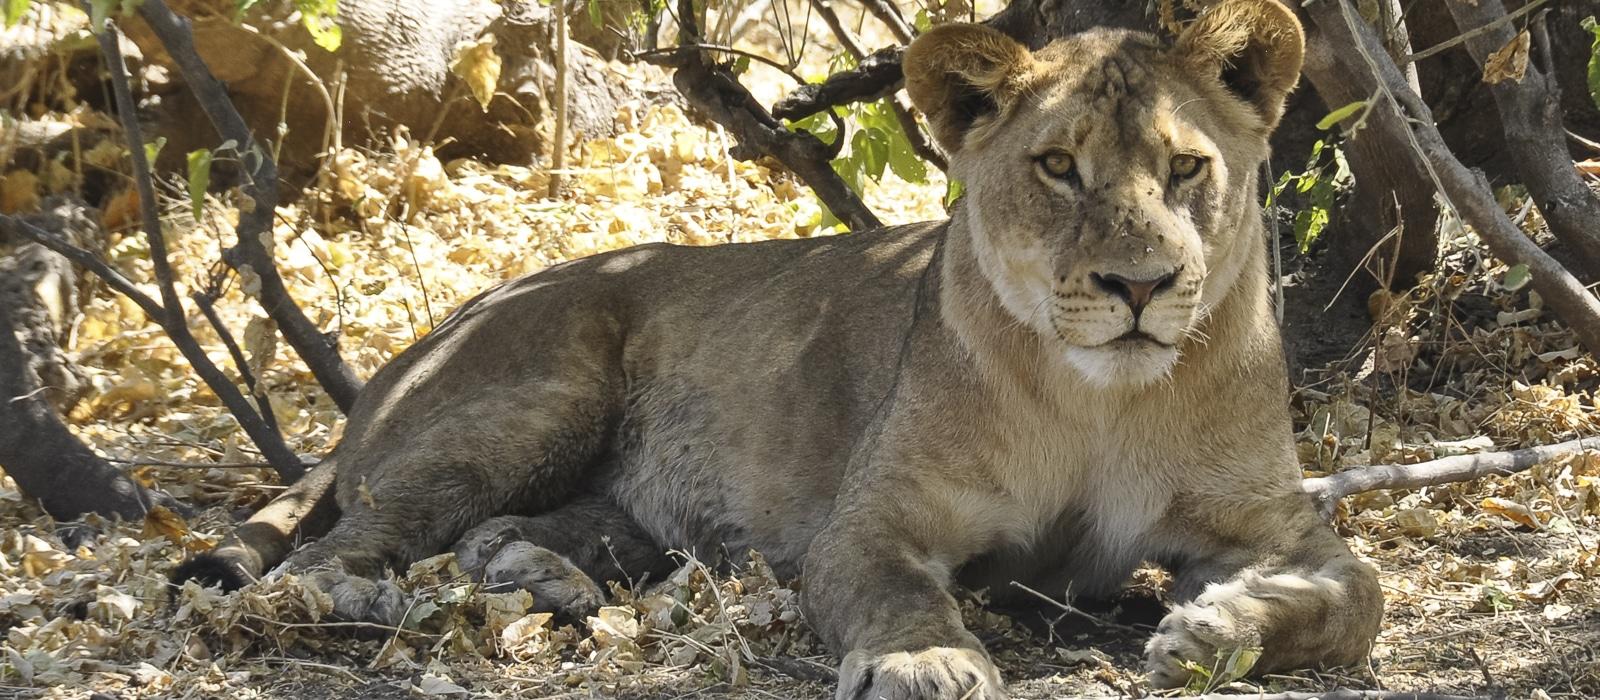 img-diapo-entete - Botswana-1600x700-14.jpg